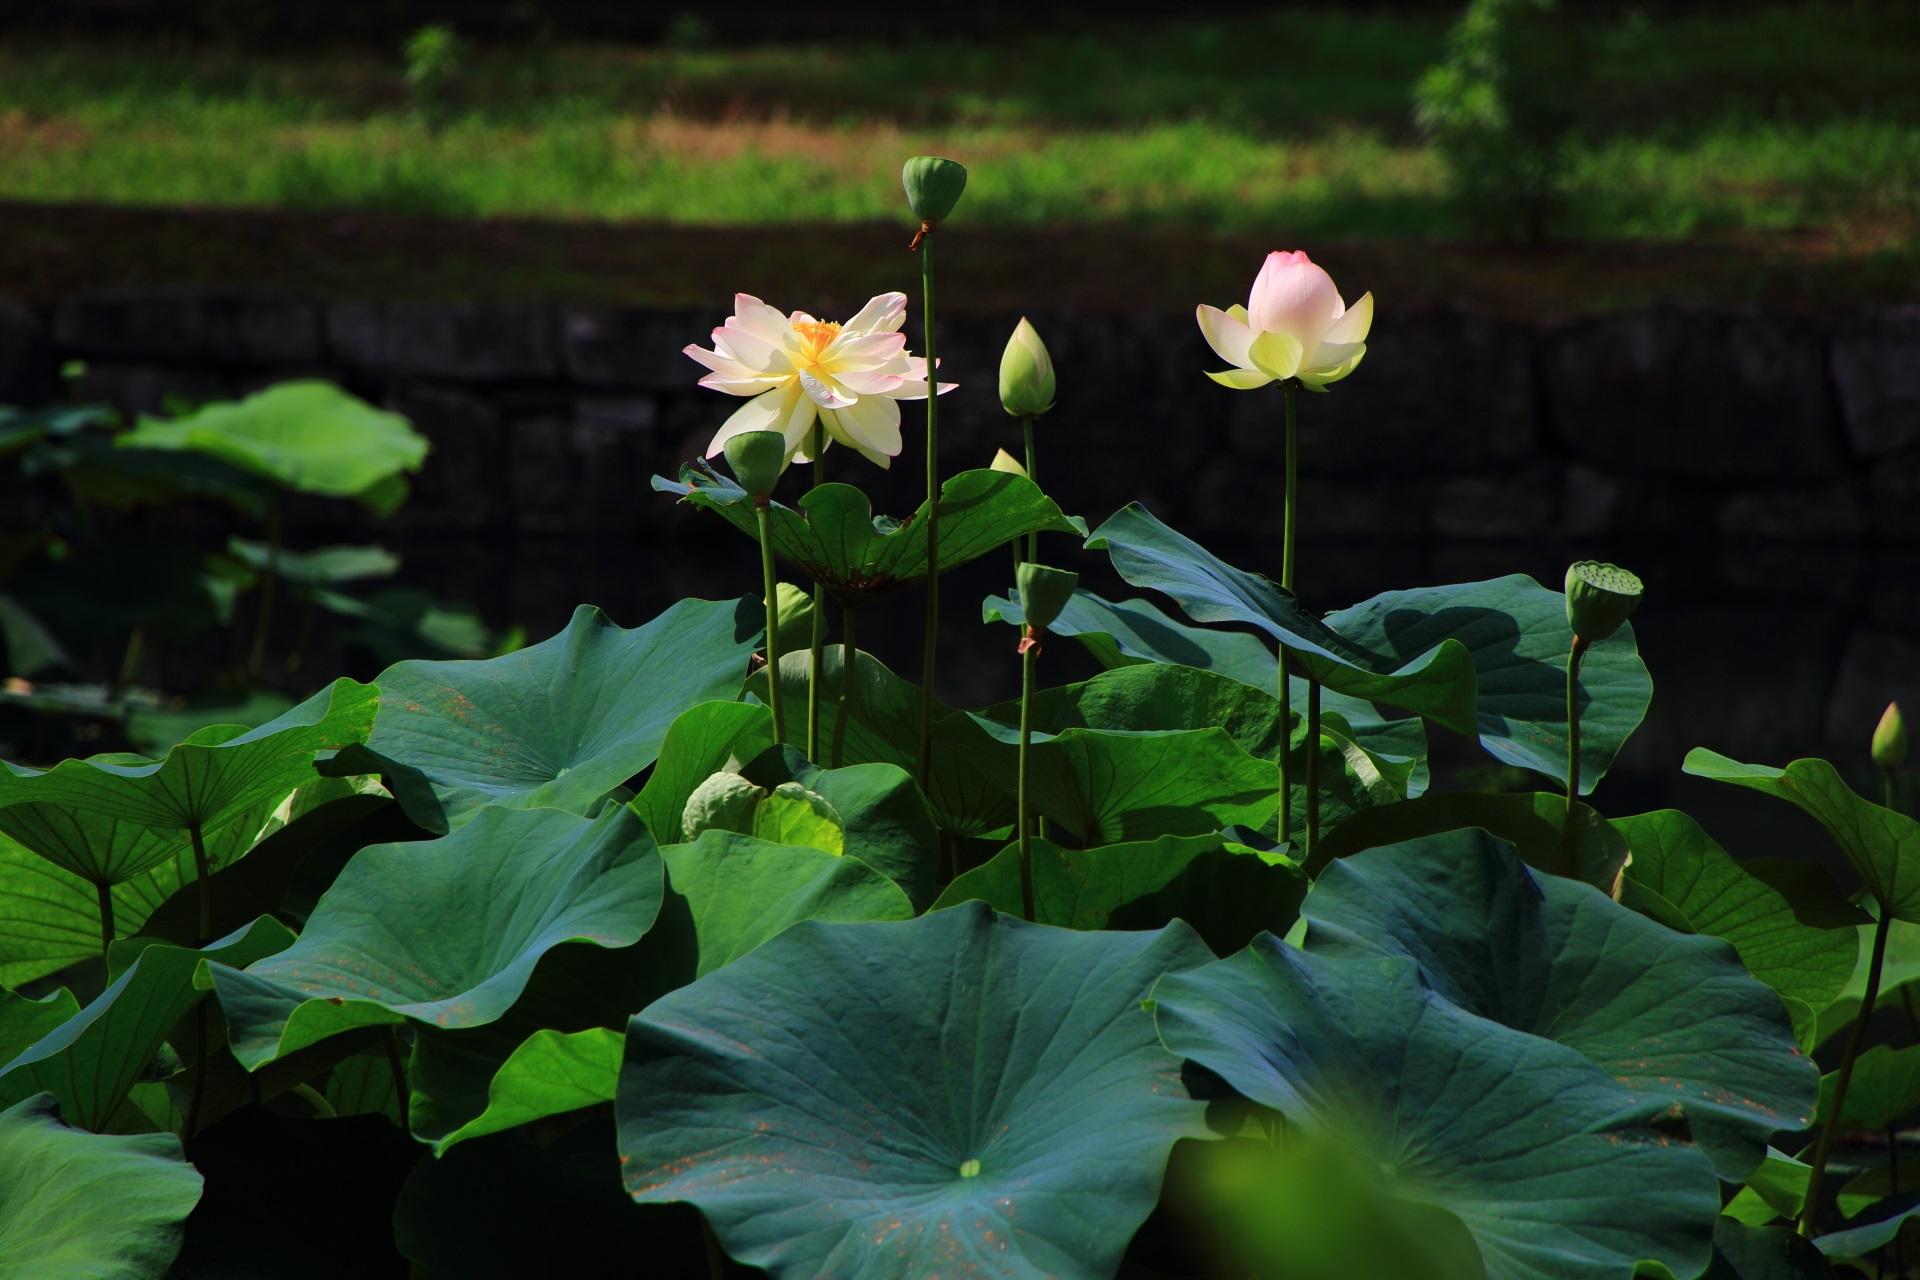 背景や緑の葉に映える相国寺の綺麗なハスの花